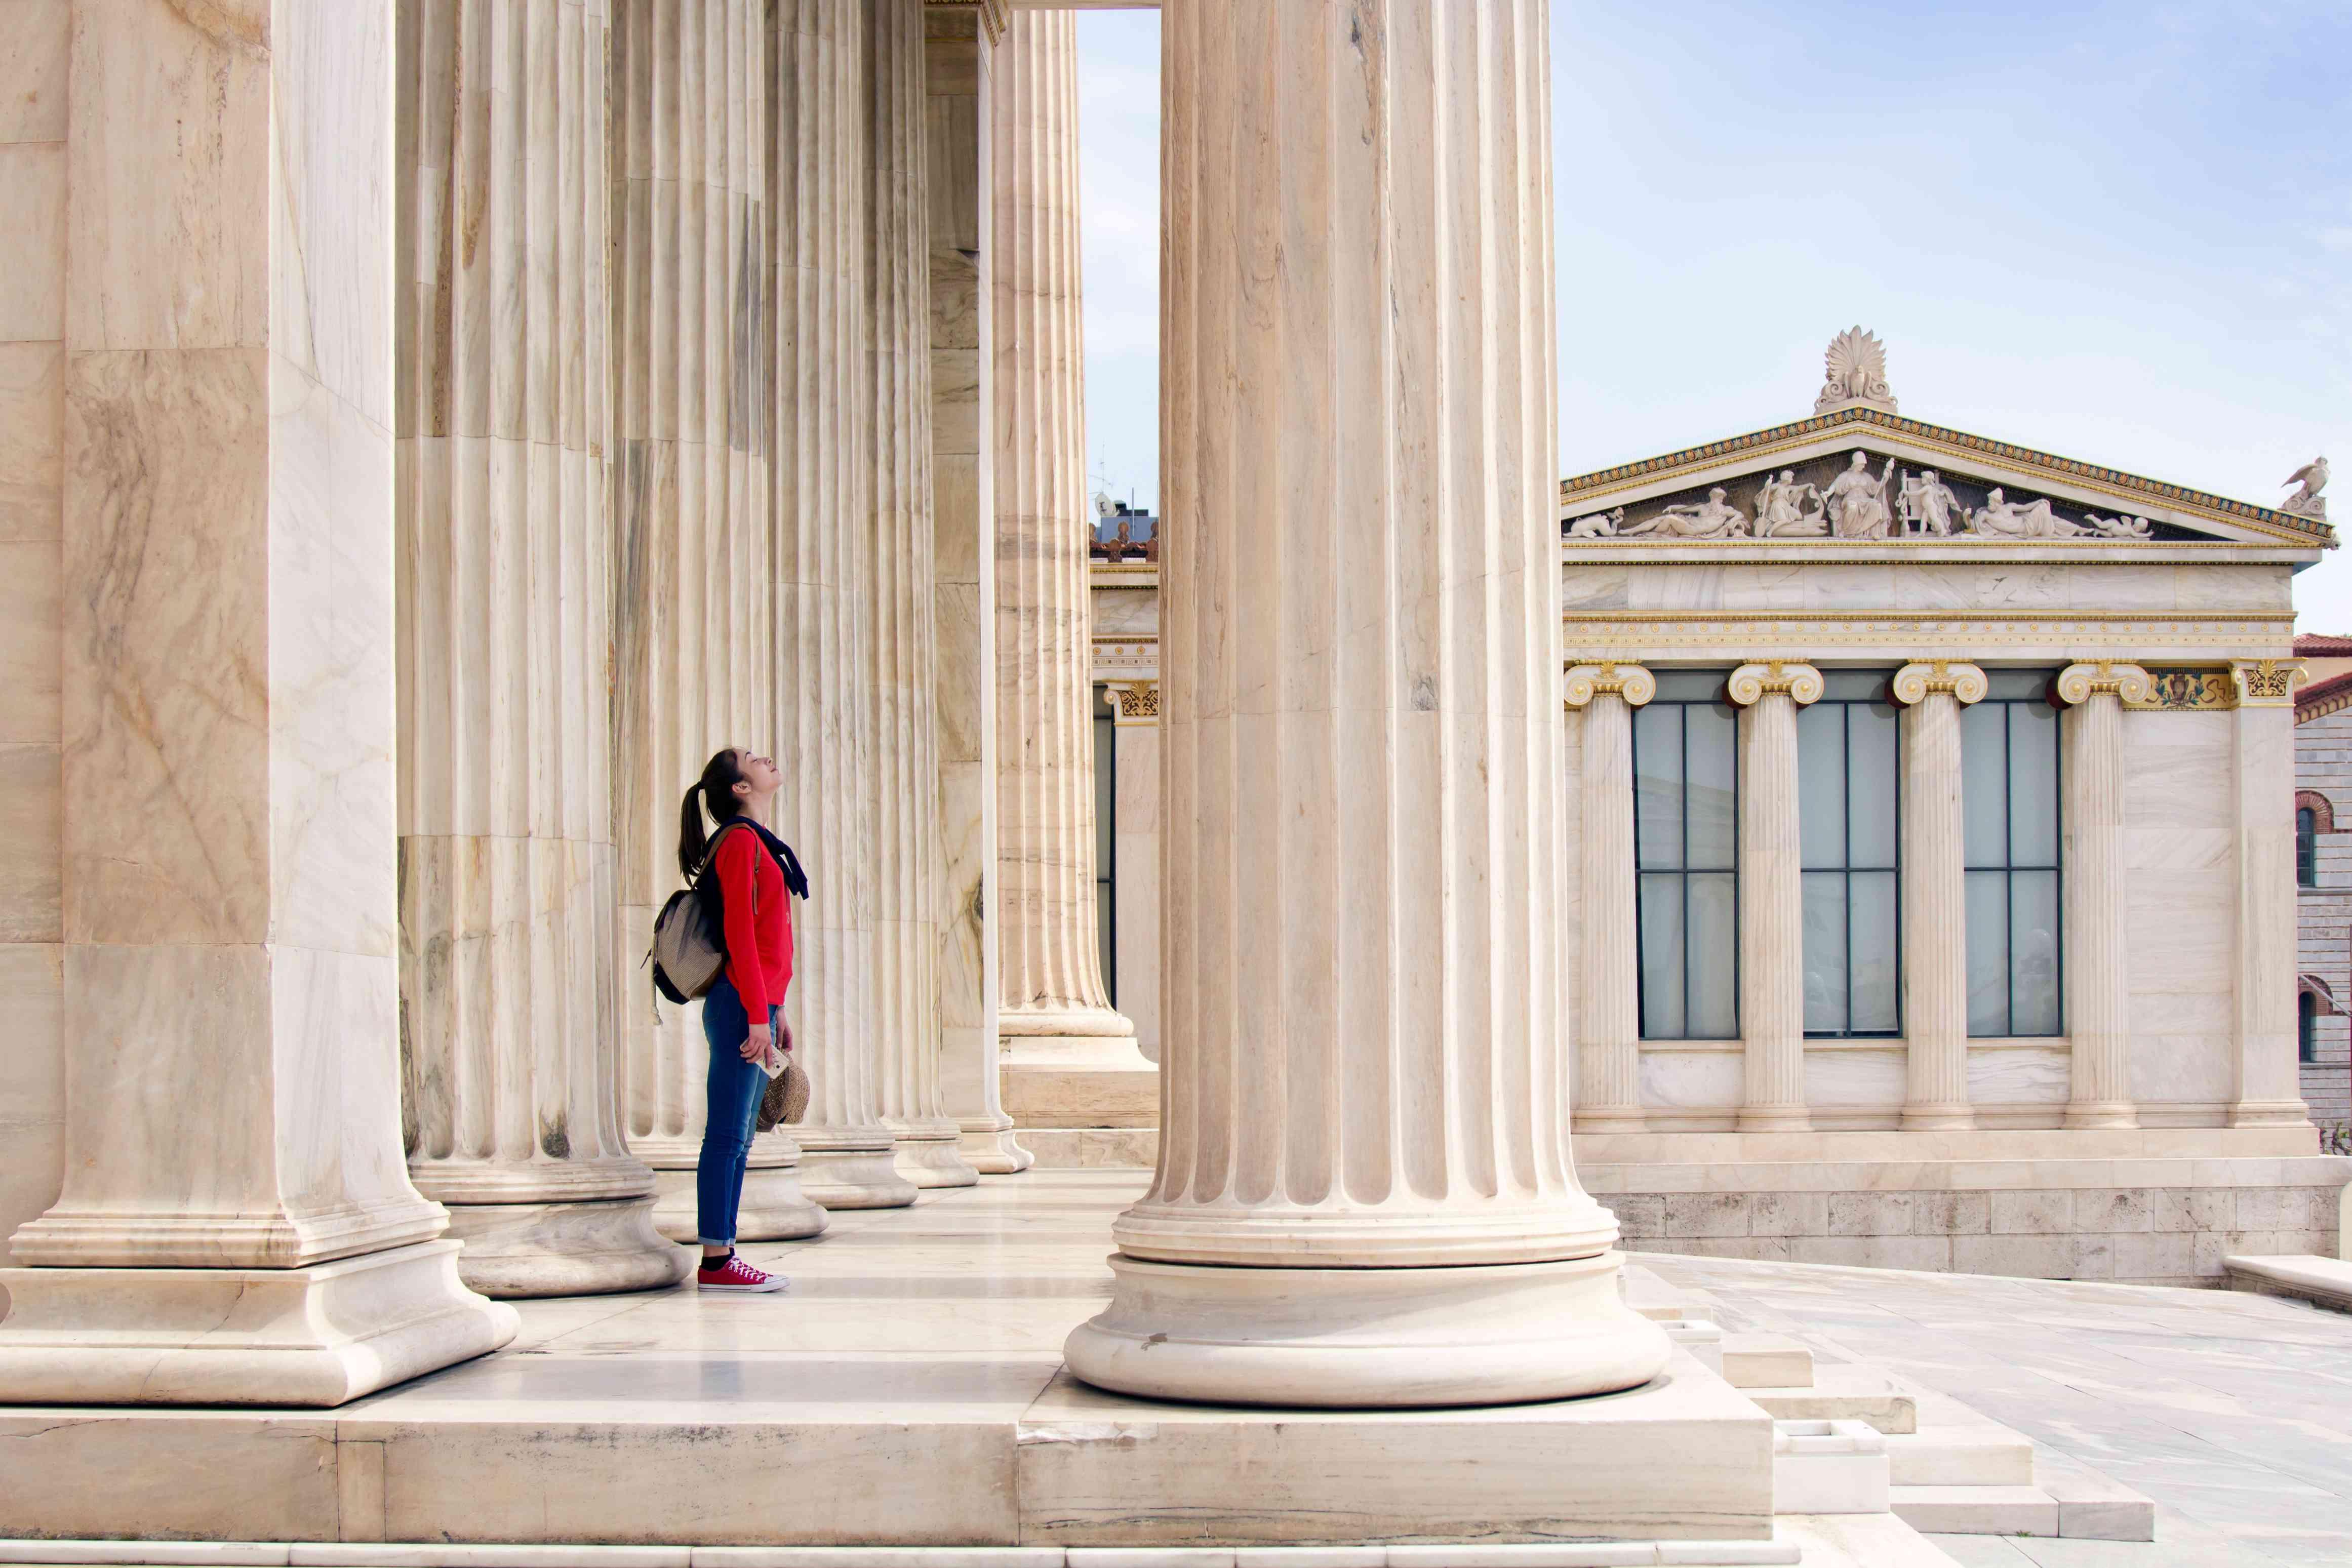 Una niña mira hacia el techo, debajo de las columnas de la Academia Ateniense